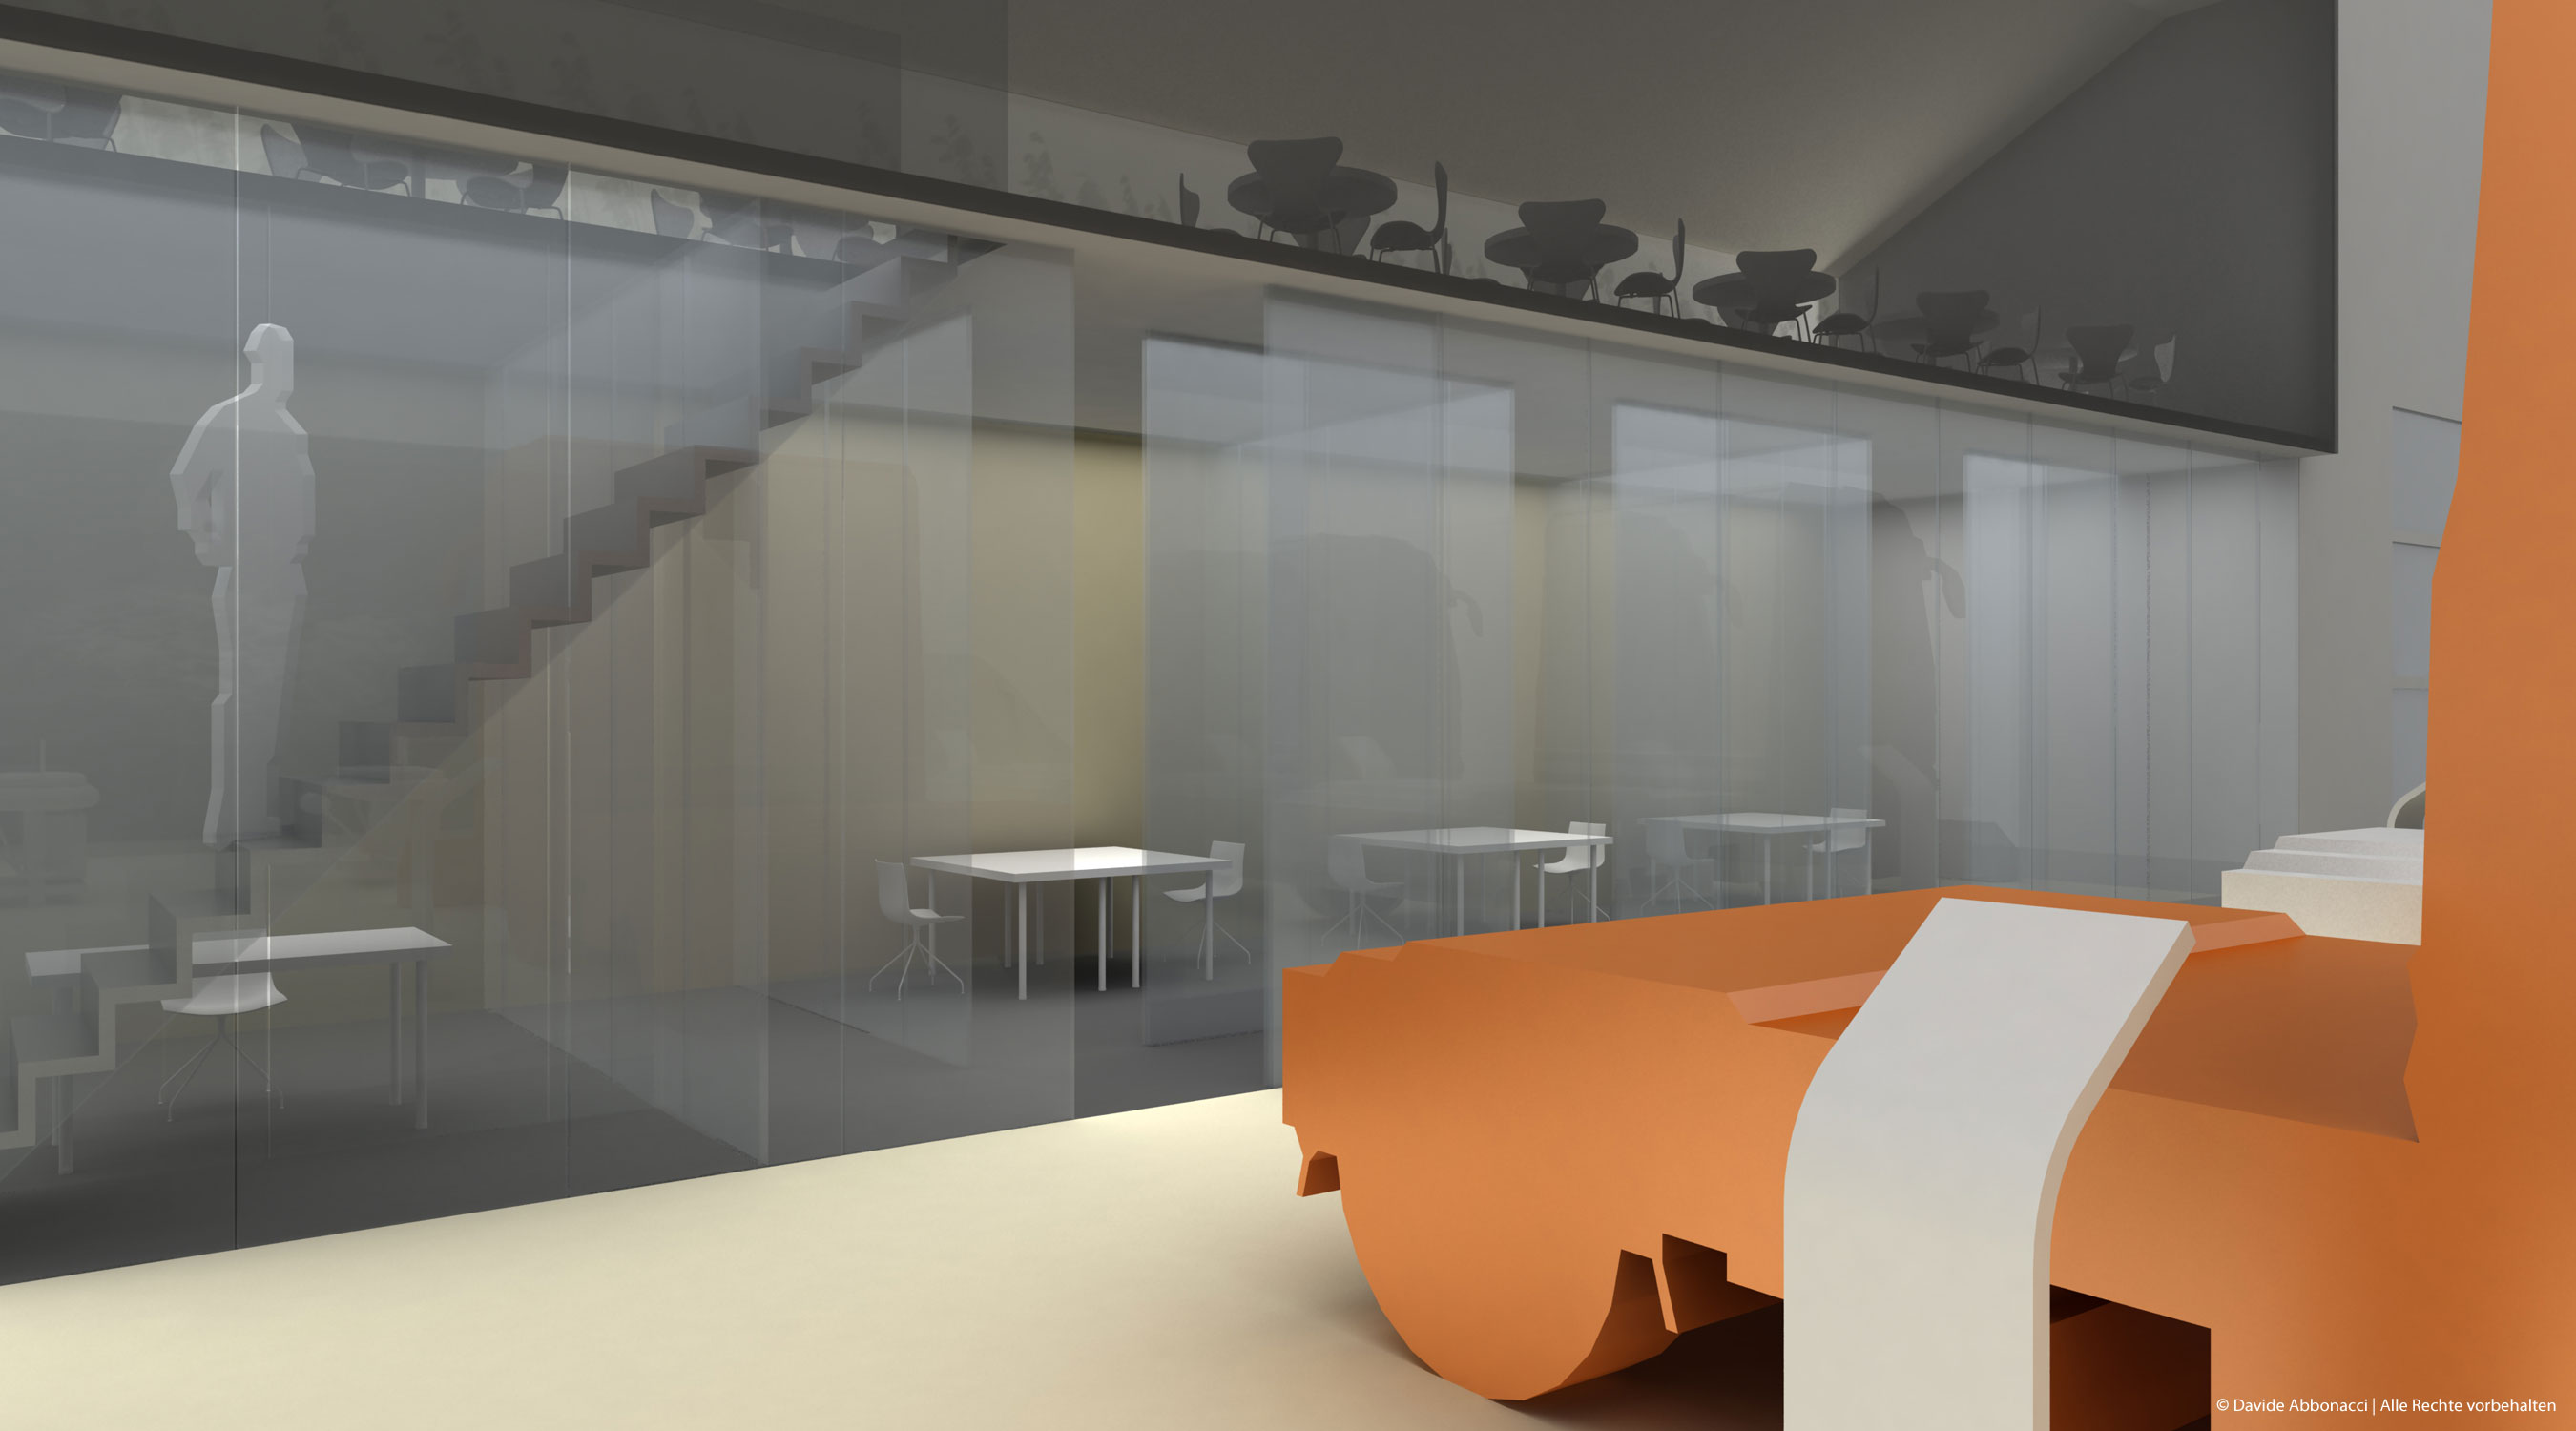 Messestand Mercedes-Benz - Nutzfahrzeuge | Heide & Von Beckerath Architekten | 2010 Testentwurf